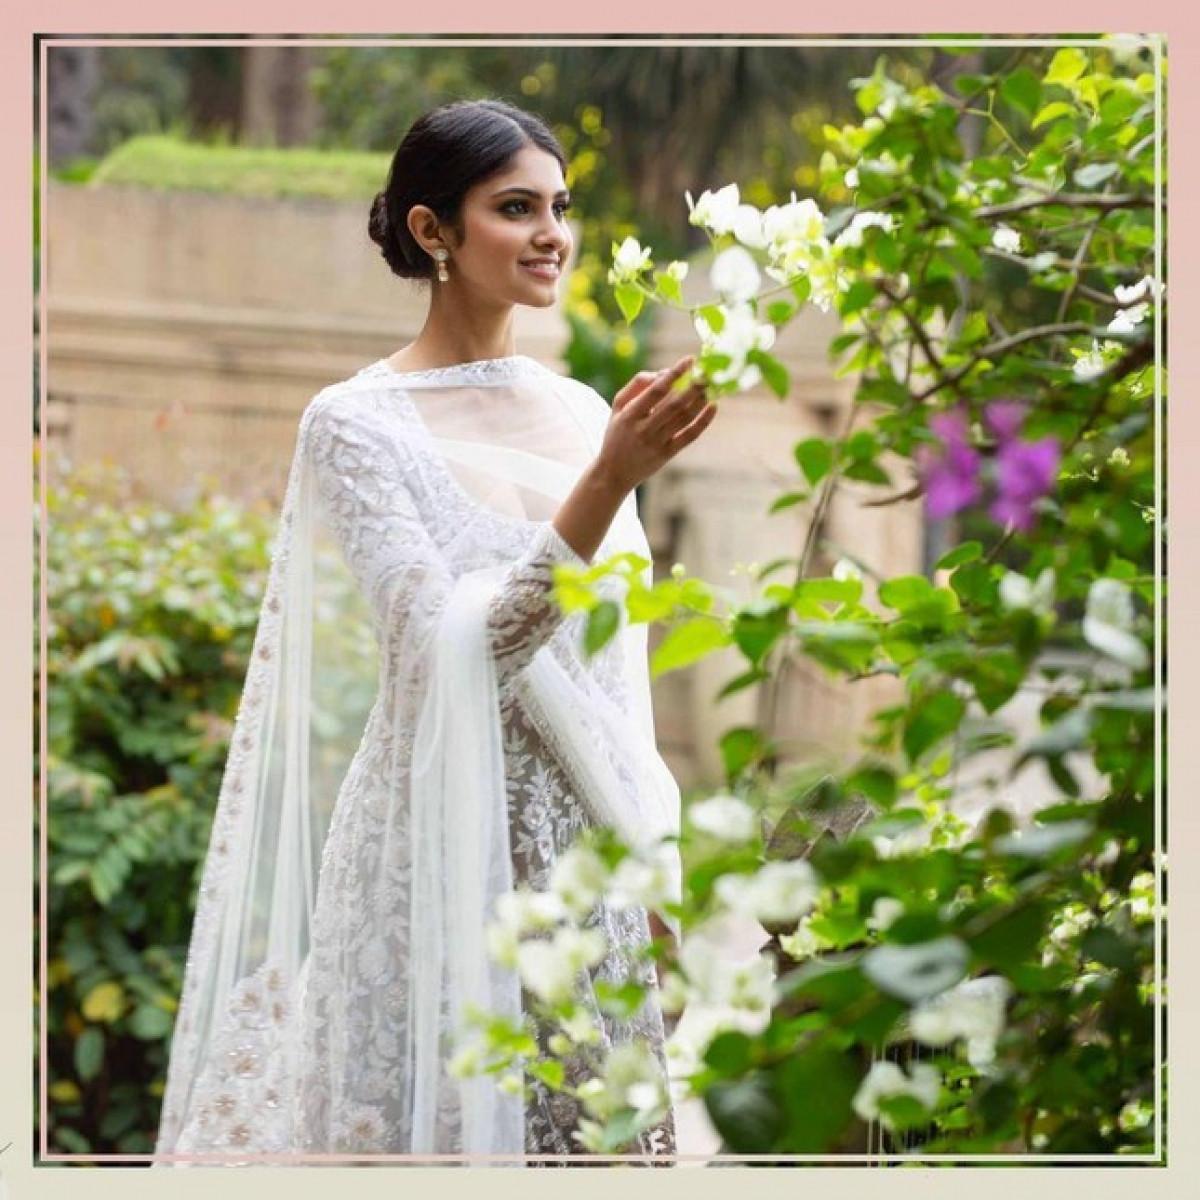 Vẻ đẹp thuần khiết của Tân Hoa hậu Ấn Độ - Đối thủ của Đỗ Thị Hà tại Miss World 2021-5